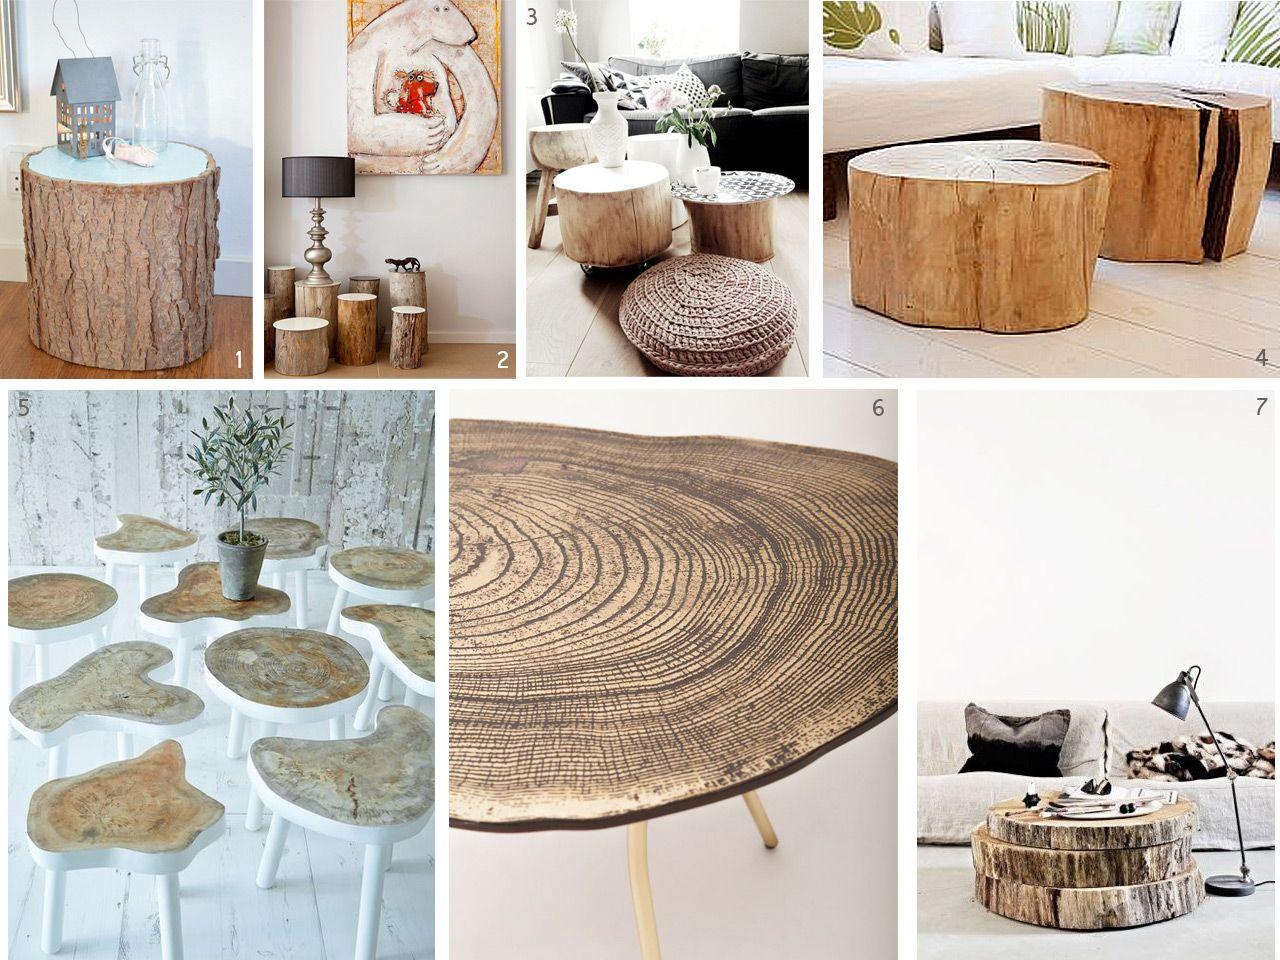 Muebles Wl Bosque ~ Obtenga ideas Diseño de muebles para su hogar ...